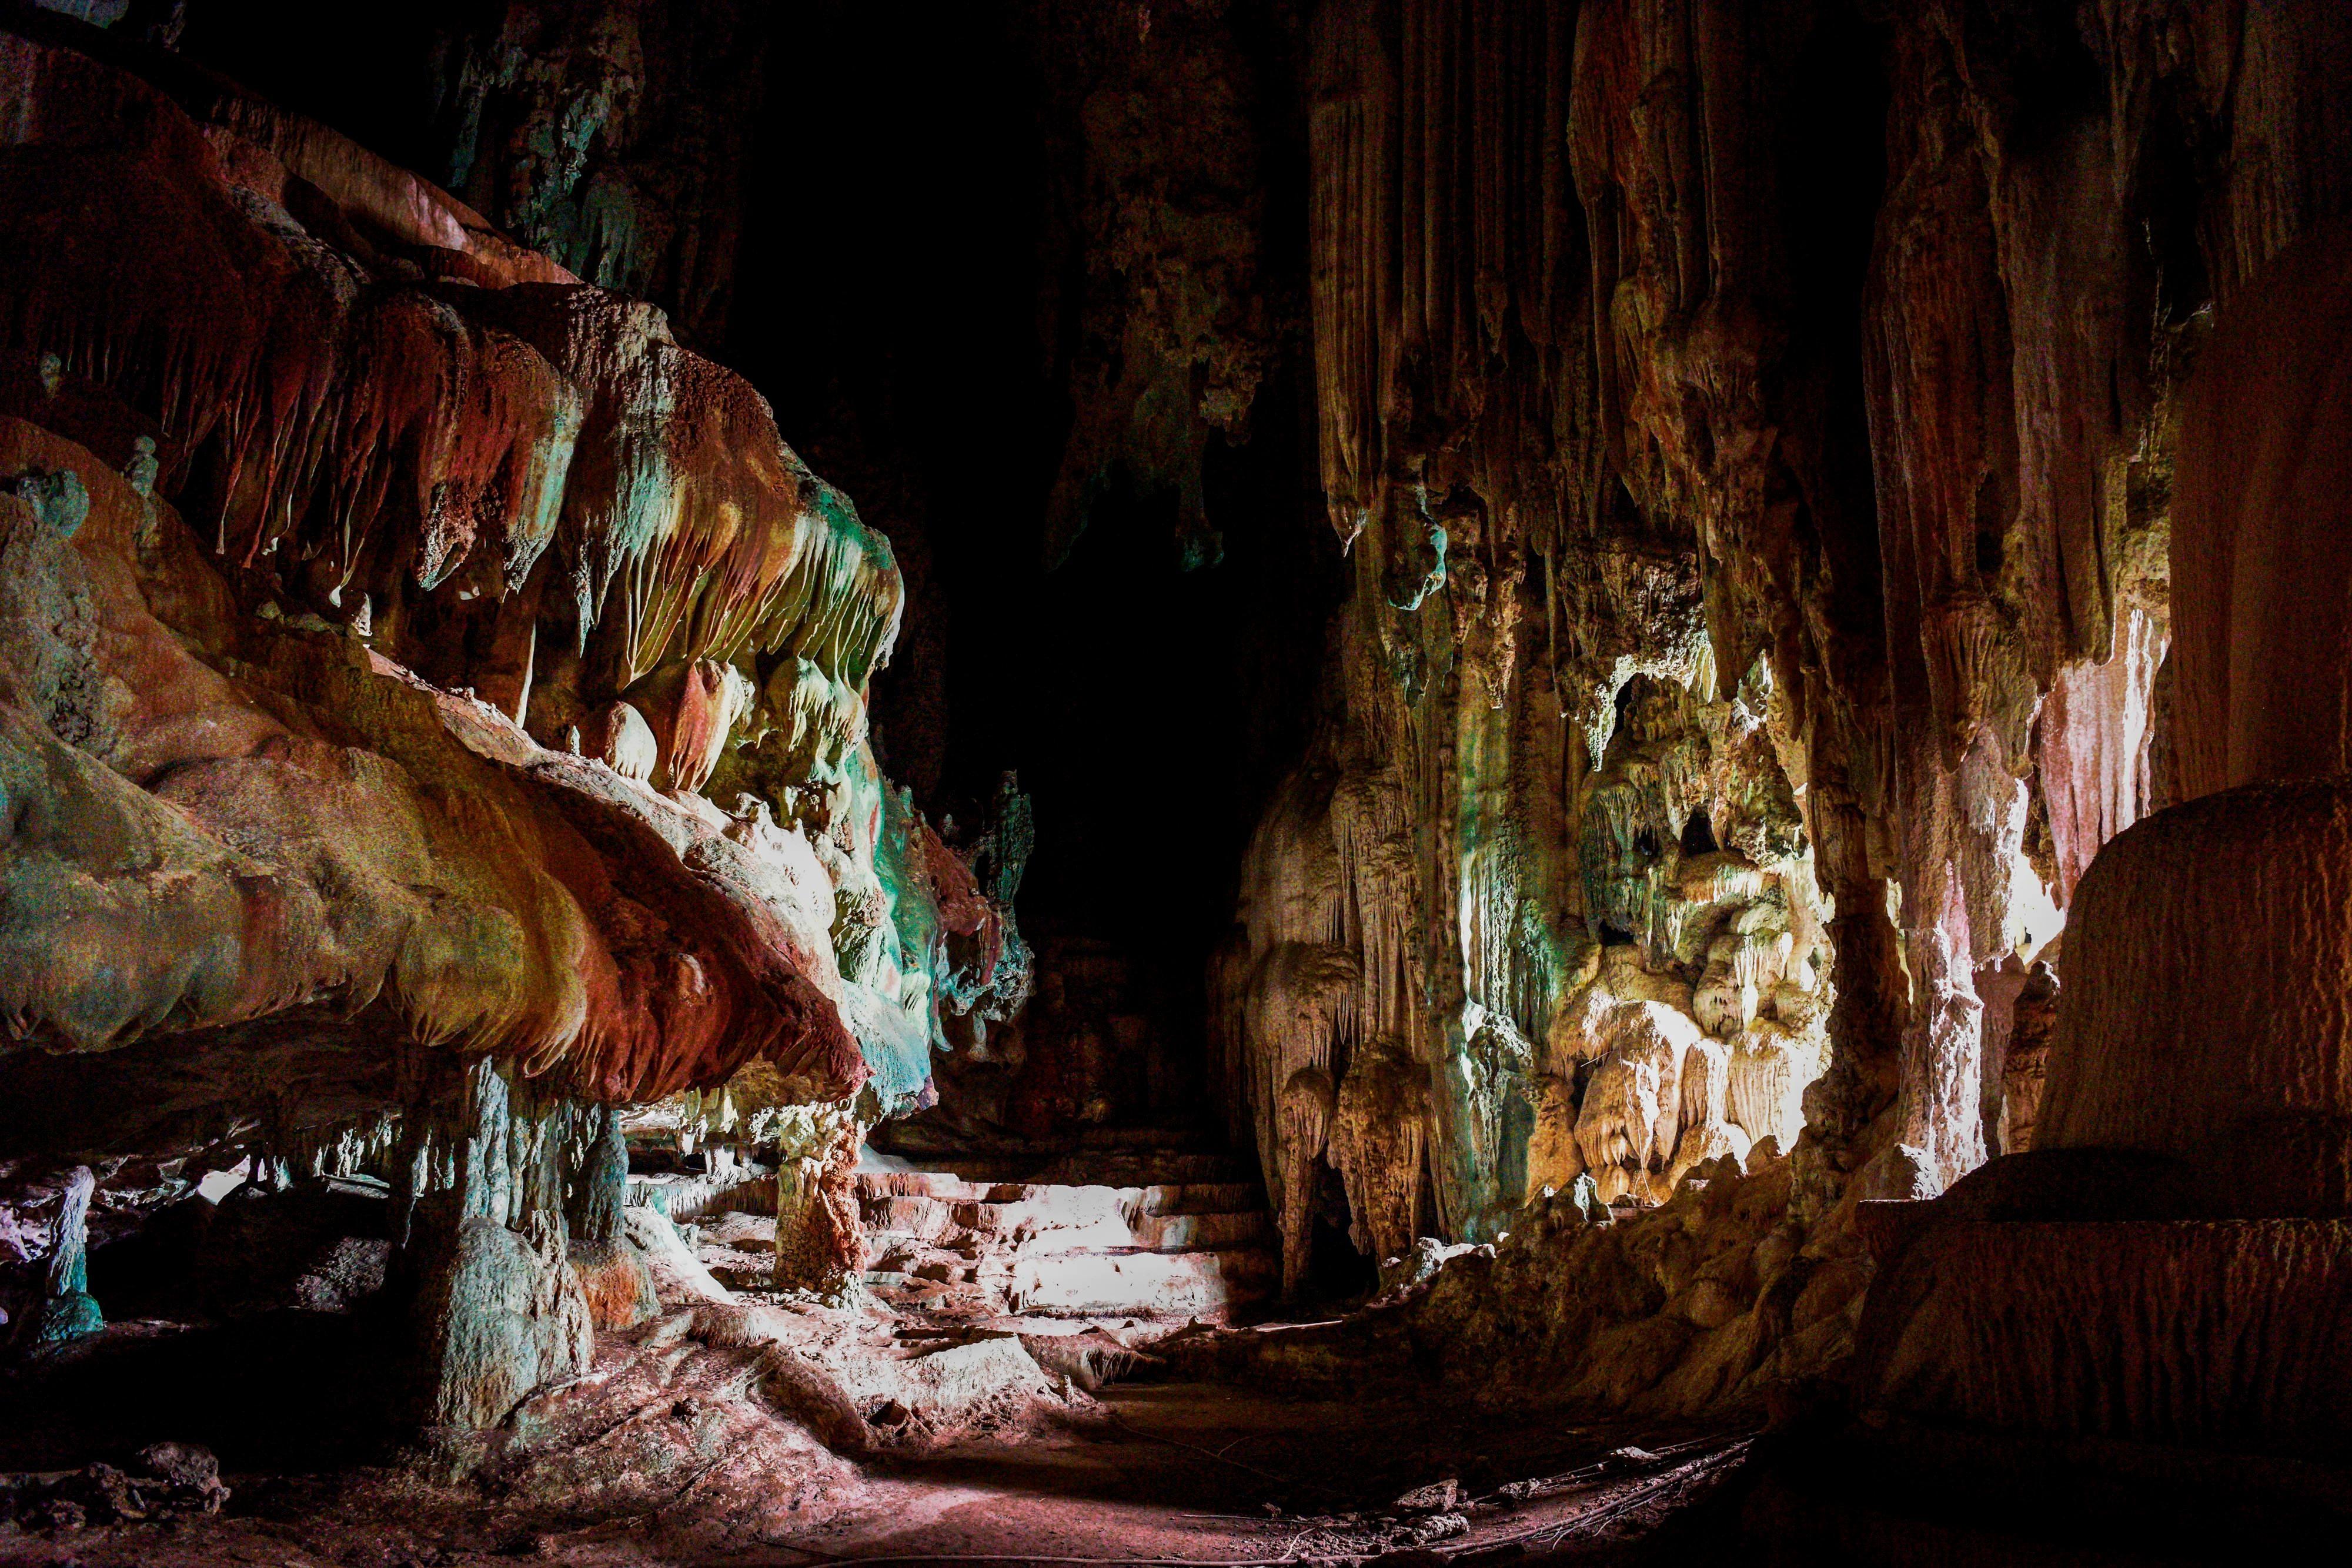 Phang Nga Bay Karian Cave Interior